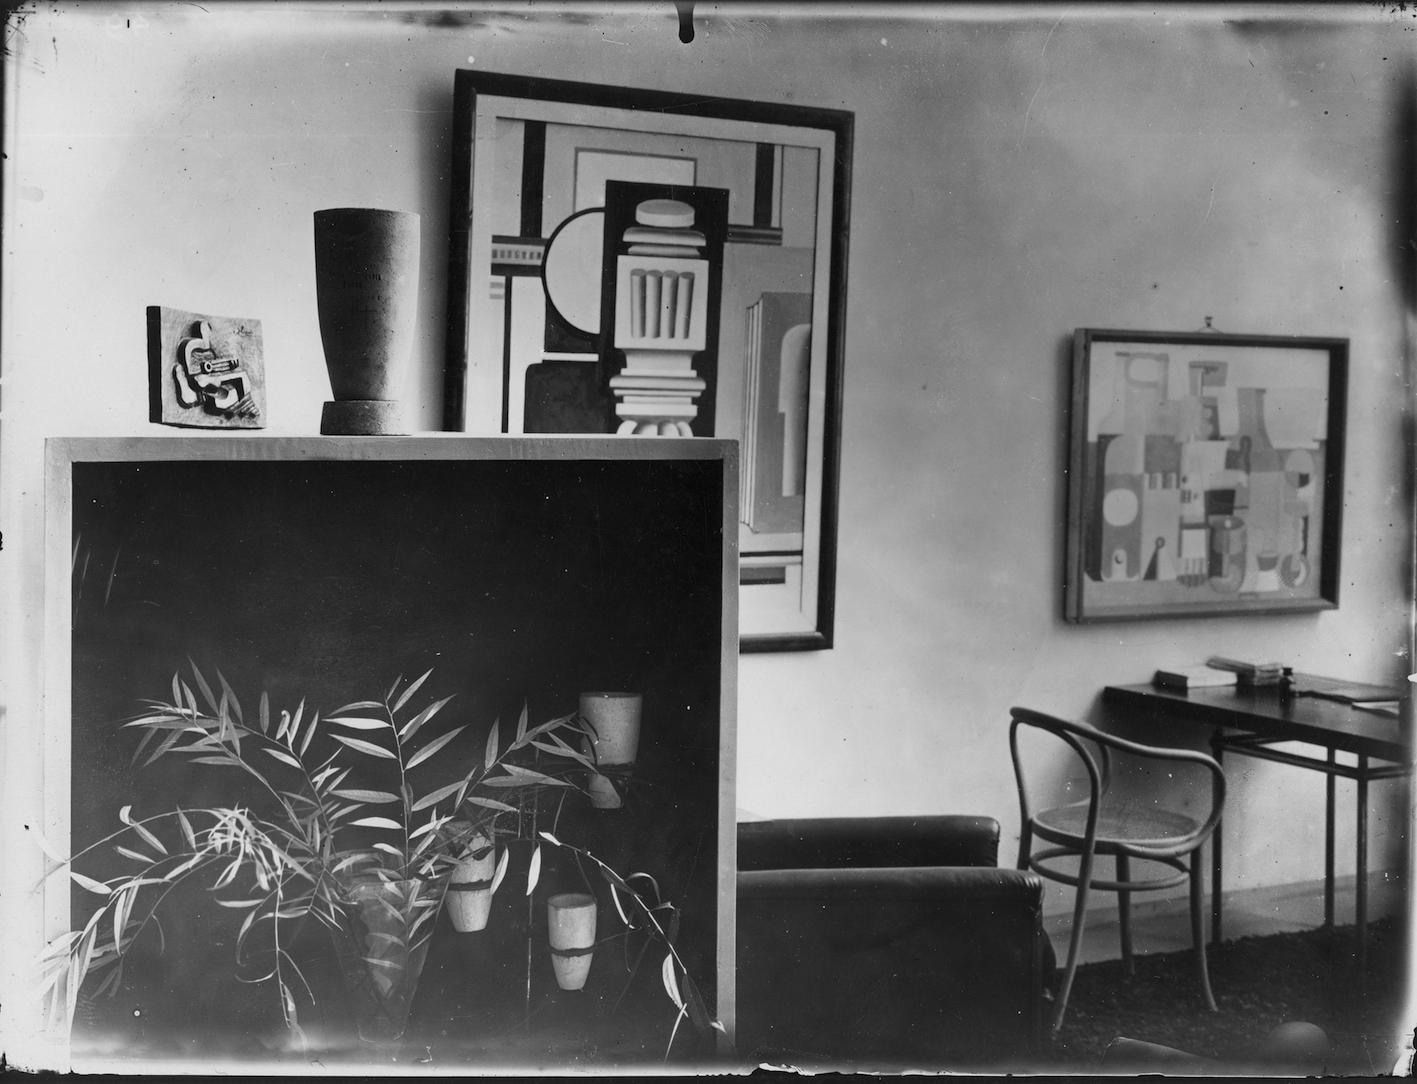 Le Corbusier, Pierre Jeanneret, Pavillon de l'Esprit Nouveau, Paris, 1925.